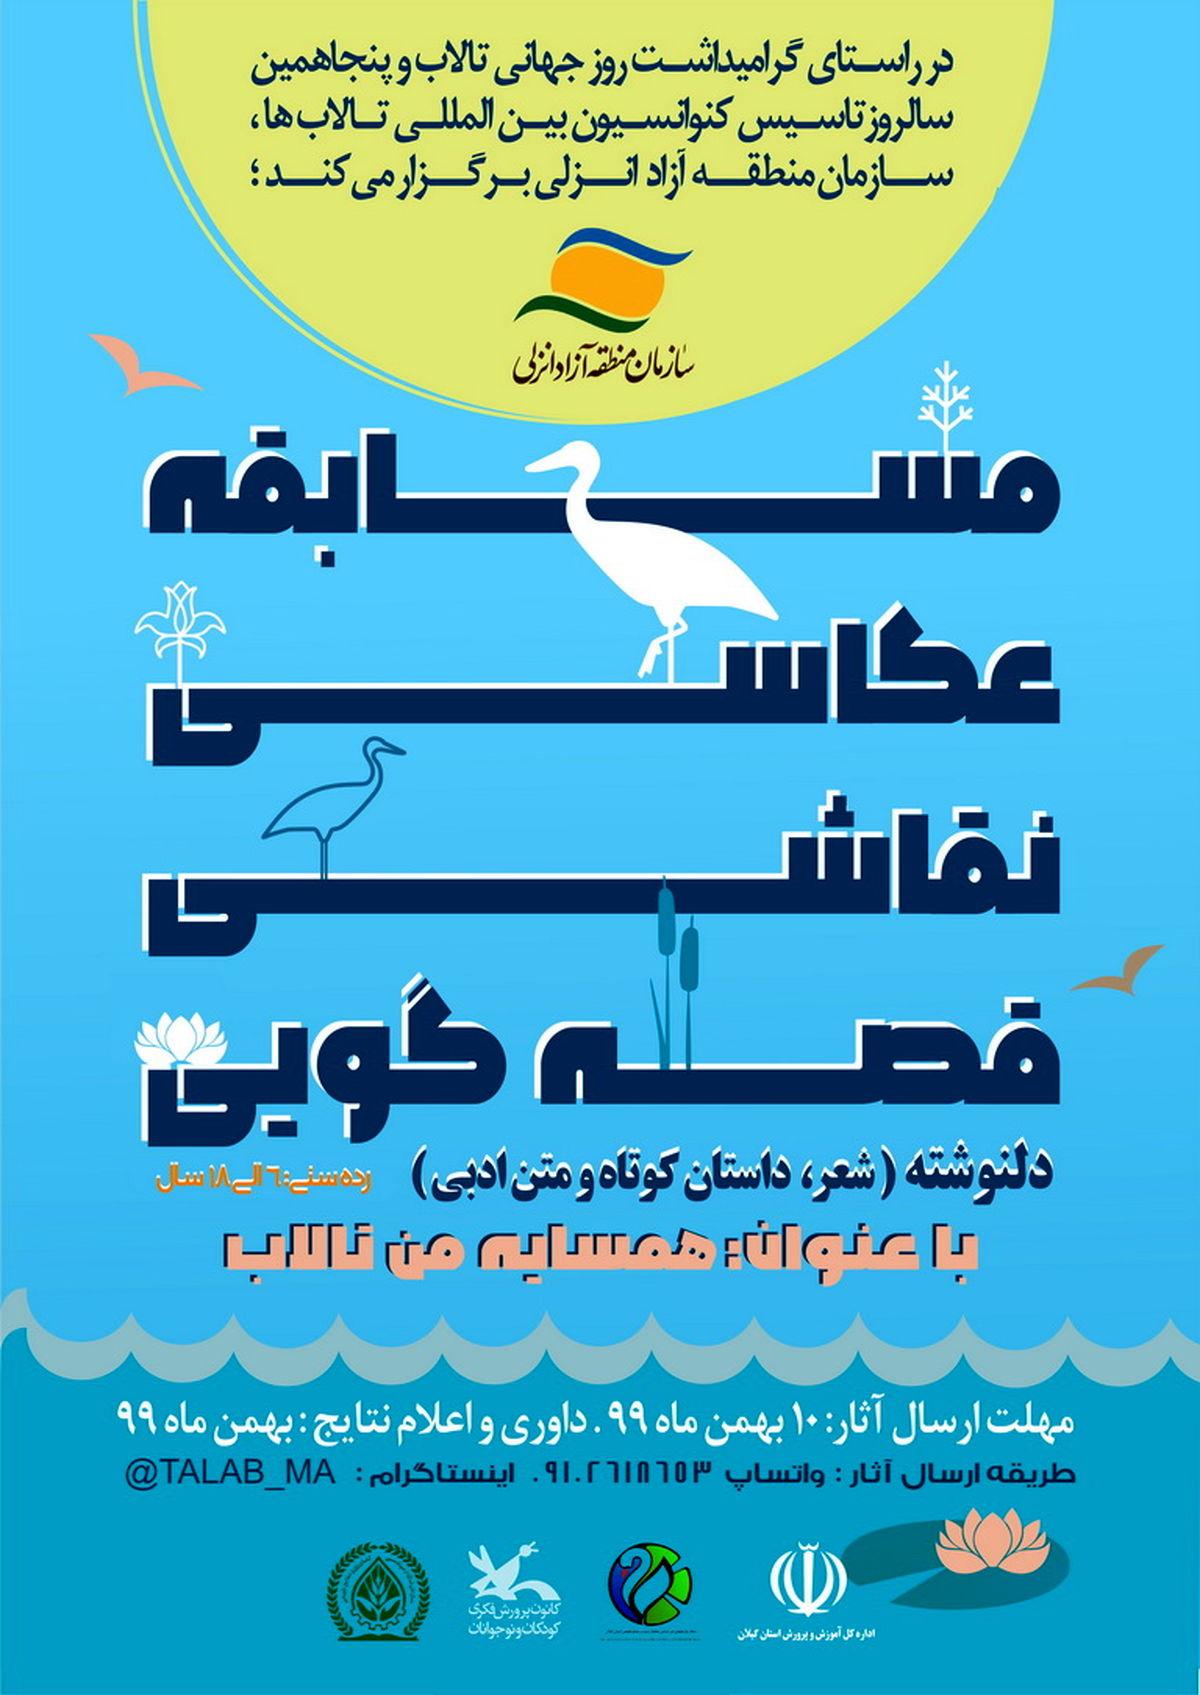 جشنواره فرهنگی هنری همسایه من تالاب